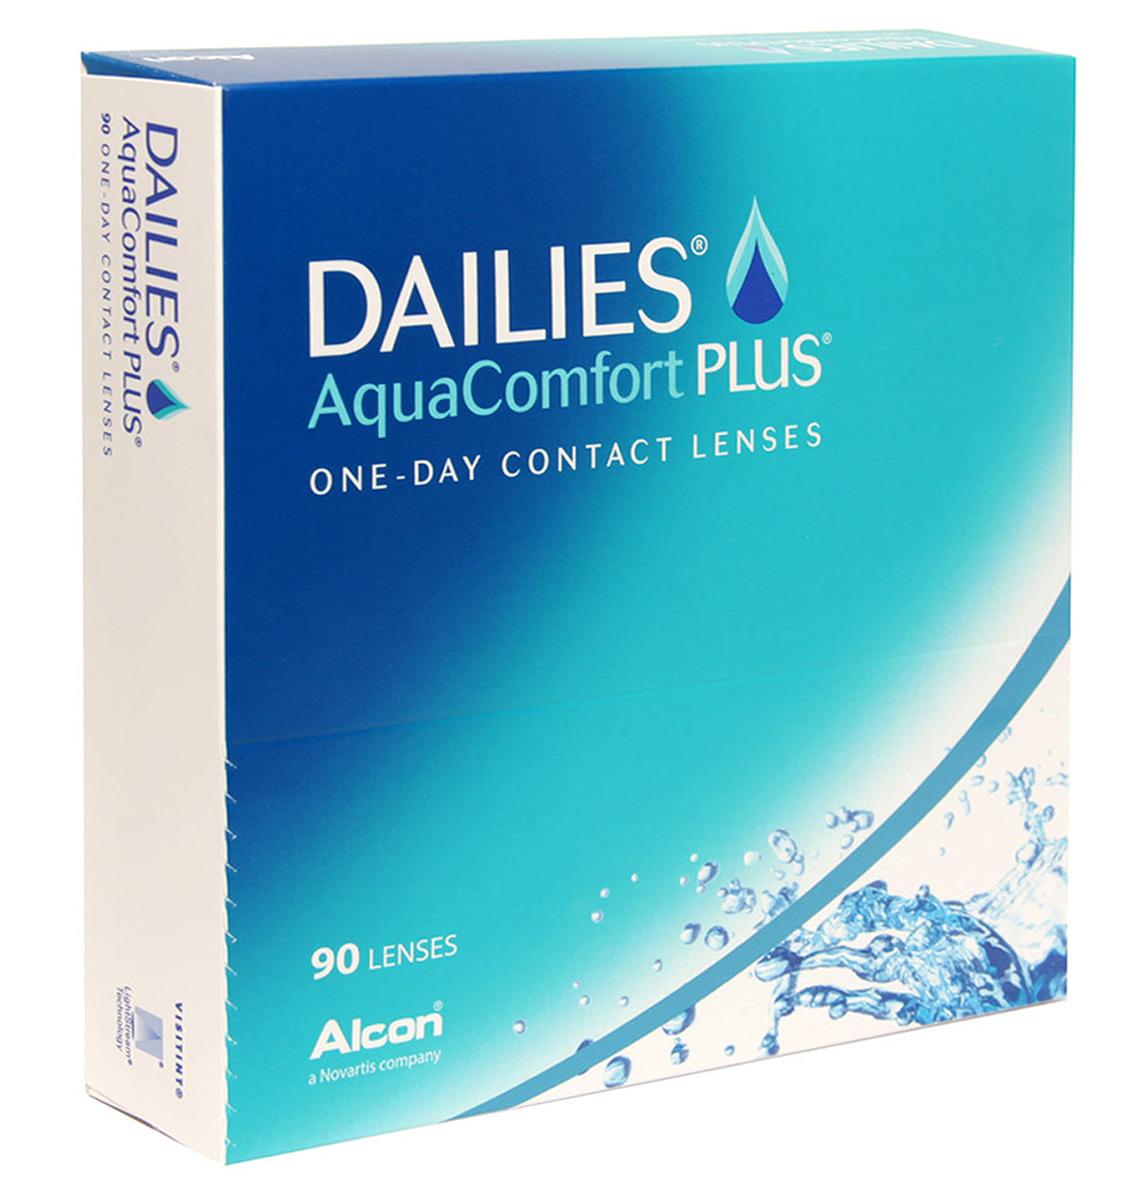 Alcon-CIBA Vision контактные линзы Dailies AquaComfort Plus (90шт / 8.7 / 14.0 / +2.75)38352Dailies Aqua Comfort Plus (90 блистеров) – это одни из самых популярных однодневных линз производства компании CIBA VISION. Эти линзы пользуются огромной популярностью во всем мире и являются на сегодняшний день самыми безопасными контактными линзами. Изготавливаются линзы из современного, 100% безопасного материала нелфилкон А. Особенность этого материала в том, что он легко пропускает воздух и хорошо сохраняет влагу. Однодневные контактные линзы Dailies Aqua Comfort Plus не нуждаются в дополнительном уходе и затратах, каждый день вы надеваете свежую пару линз. Дизайн линзы биосовместимый, что гарантирует безупречный комфорт. Самое главное достоинство Dailies Aqua Comfort Plus – это их уникальная система увлажнения. Благодаря этой разработке линзы увлажняются тремя различными агентами. Первый компонент, ухаживающий за линзами, находится в растворе, он как бы обволакивает линзу, обеспечивая чрезвычайно комфортное надевание. Второй агент выделяется на протяжении всего дня, он...